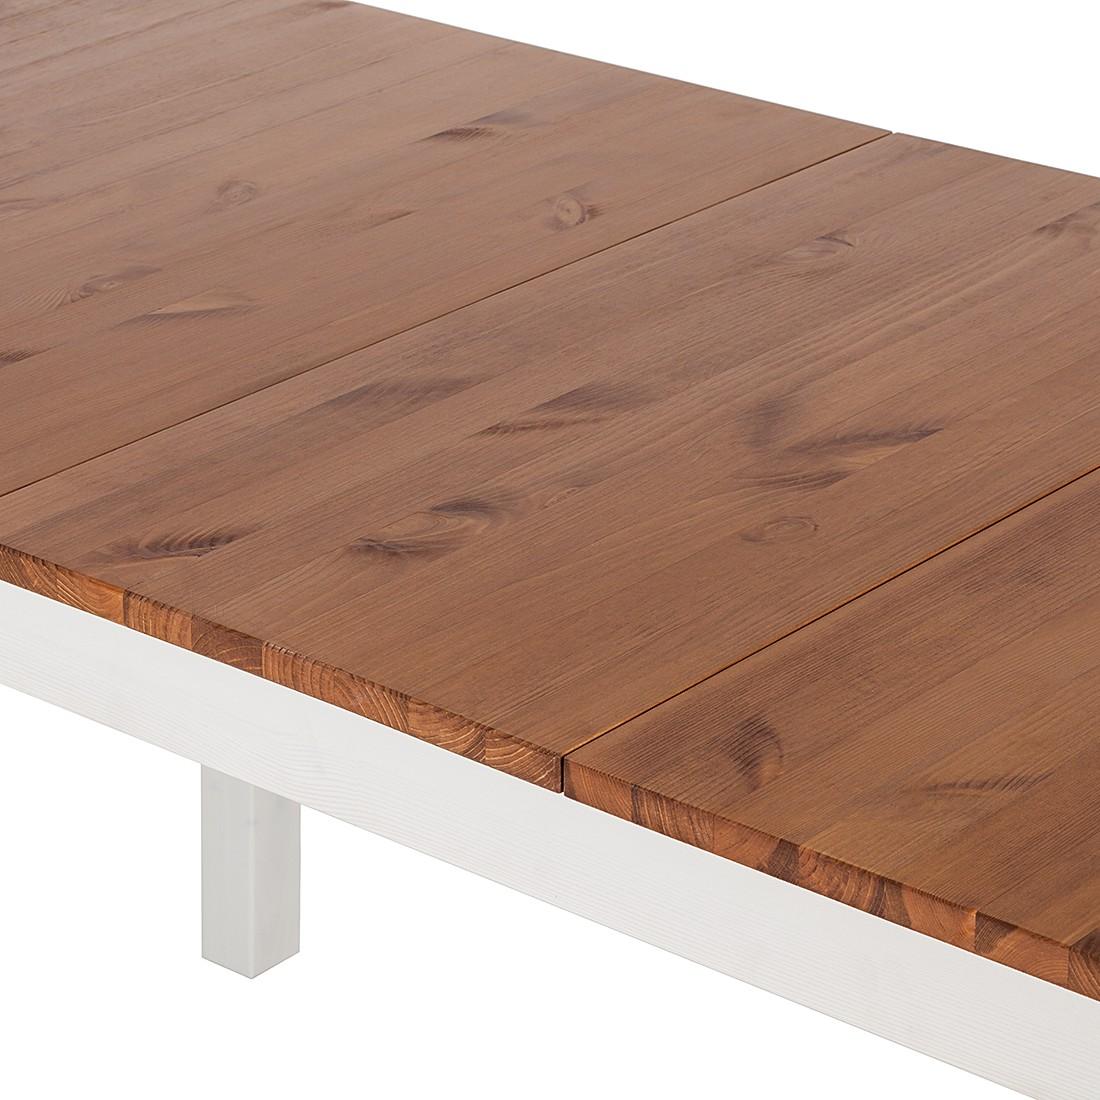 Esstisch louis ausziehbar k chentisch esszimmertisch for Esstisch ausziehbar 120 x 80